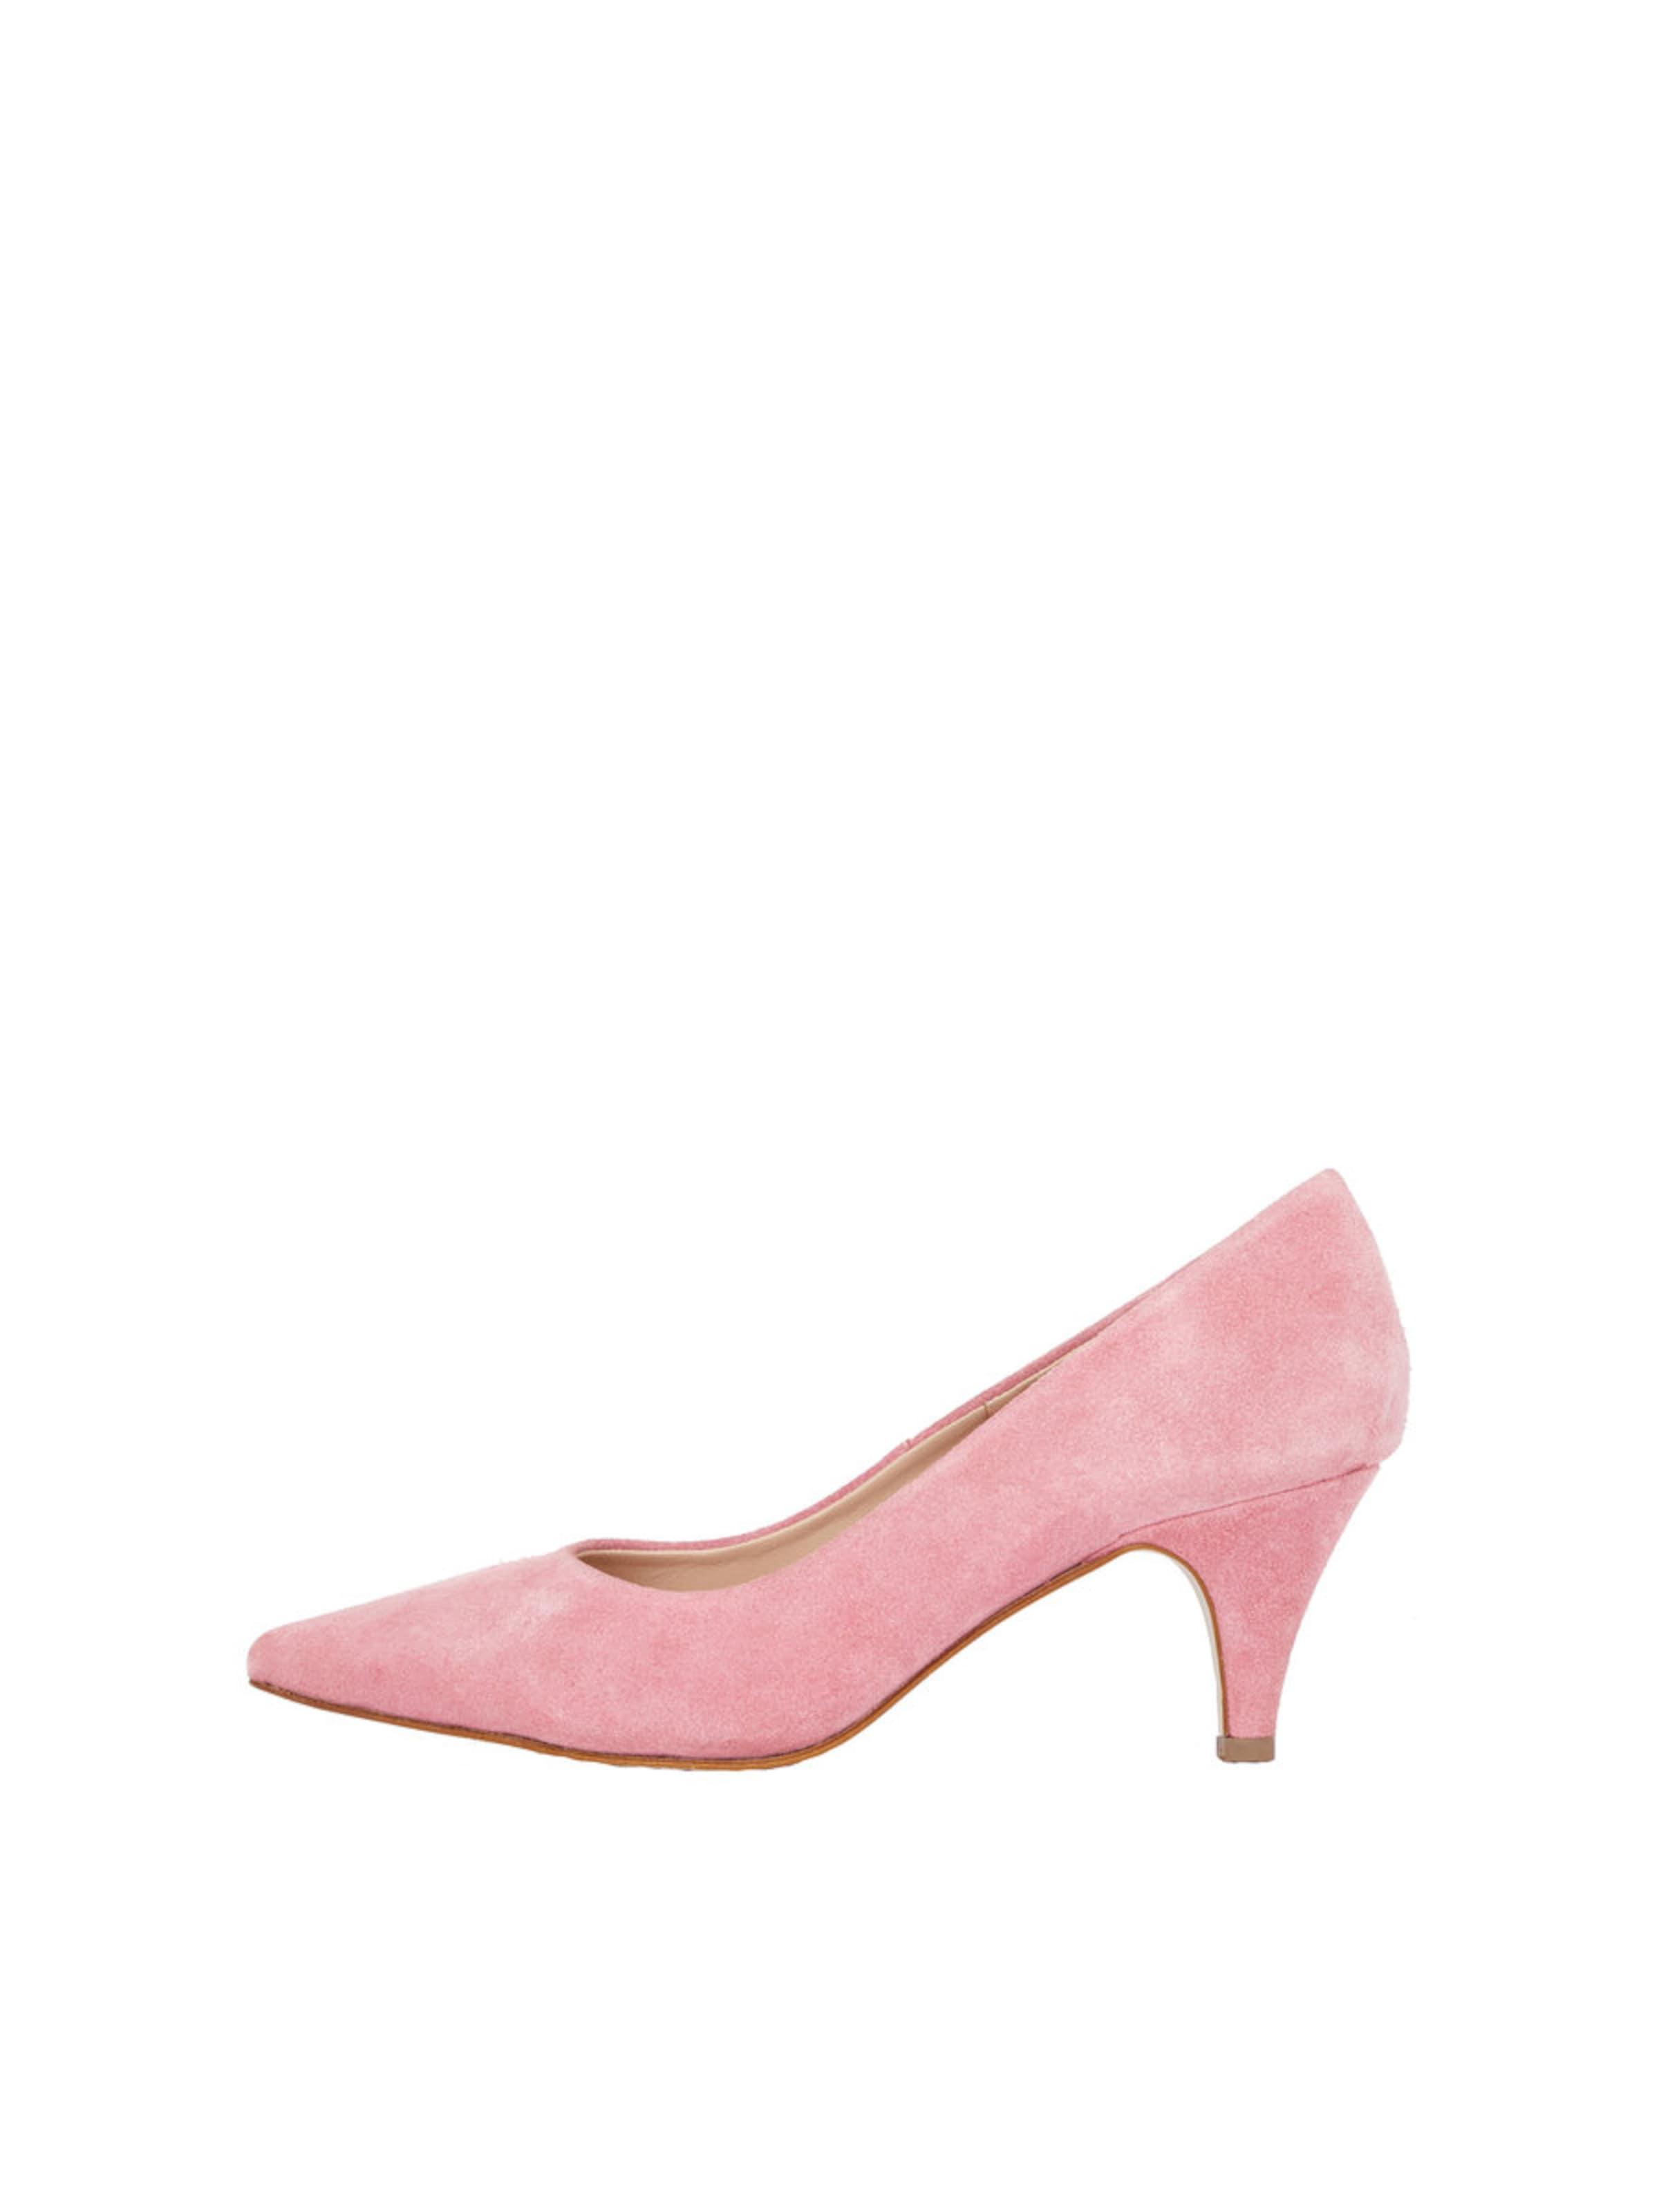 Bianco Klassische Pumps Günstige und langlebige Schuhe